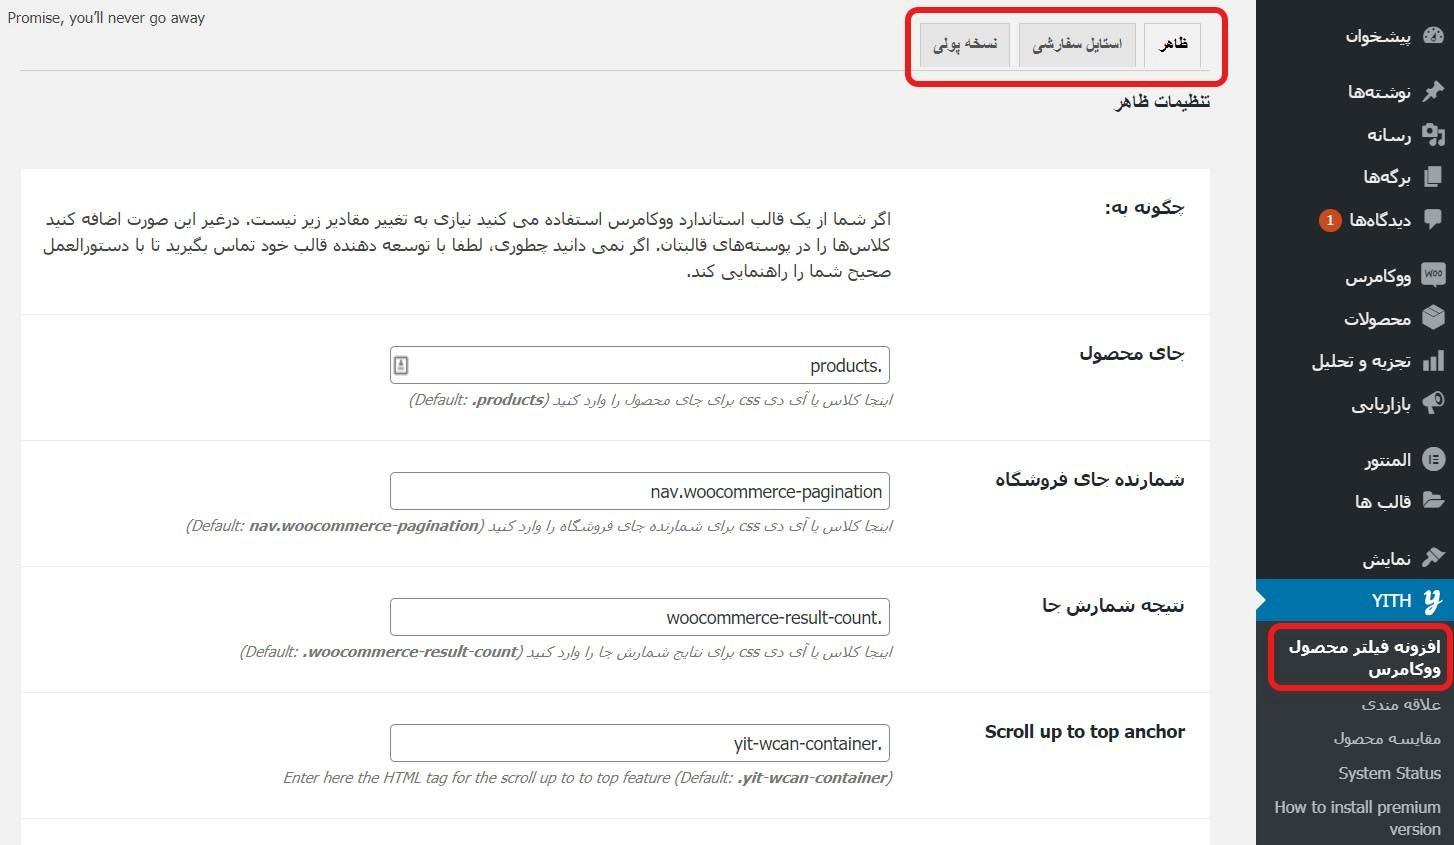 آموزش فیلتر محصولات با استفاده از YITH WooCommerce Ajax Product Filter